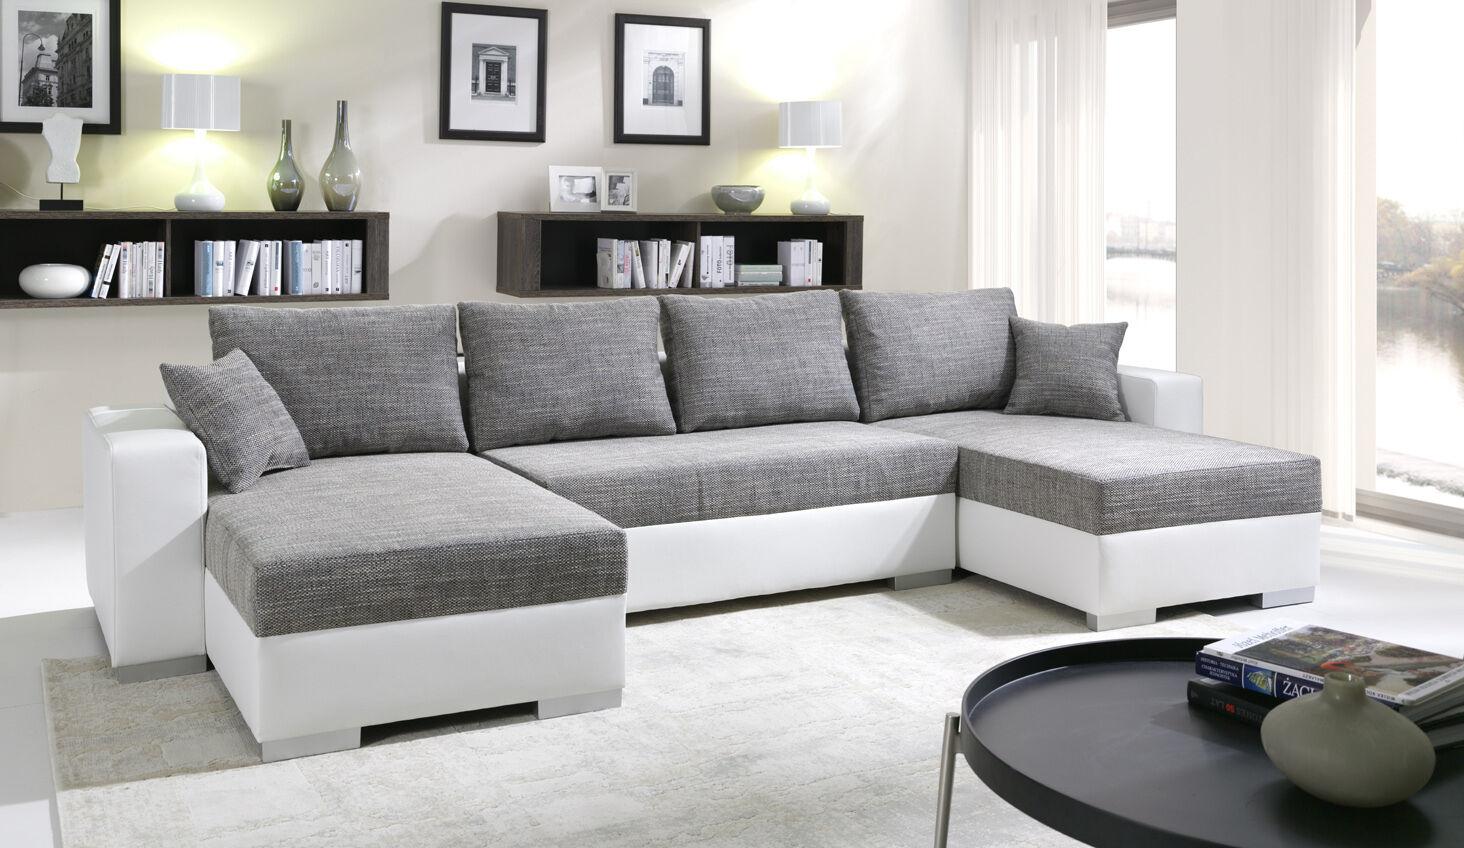 Wunderschön Eckcouch Kaufen Das Beste Von 4112200/4 Sofagarnitur Sofa Couchgarnitur Ecksofa Mit Schlaffunktion!